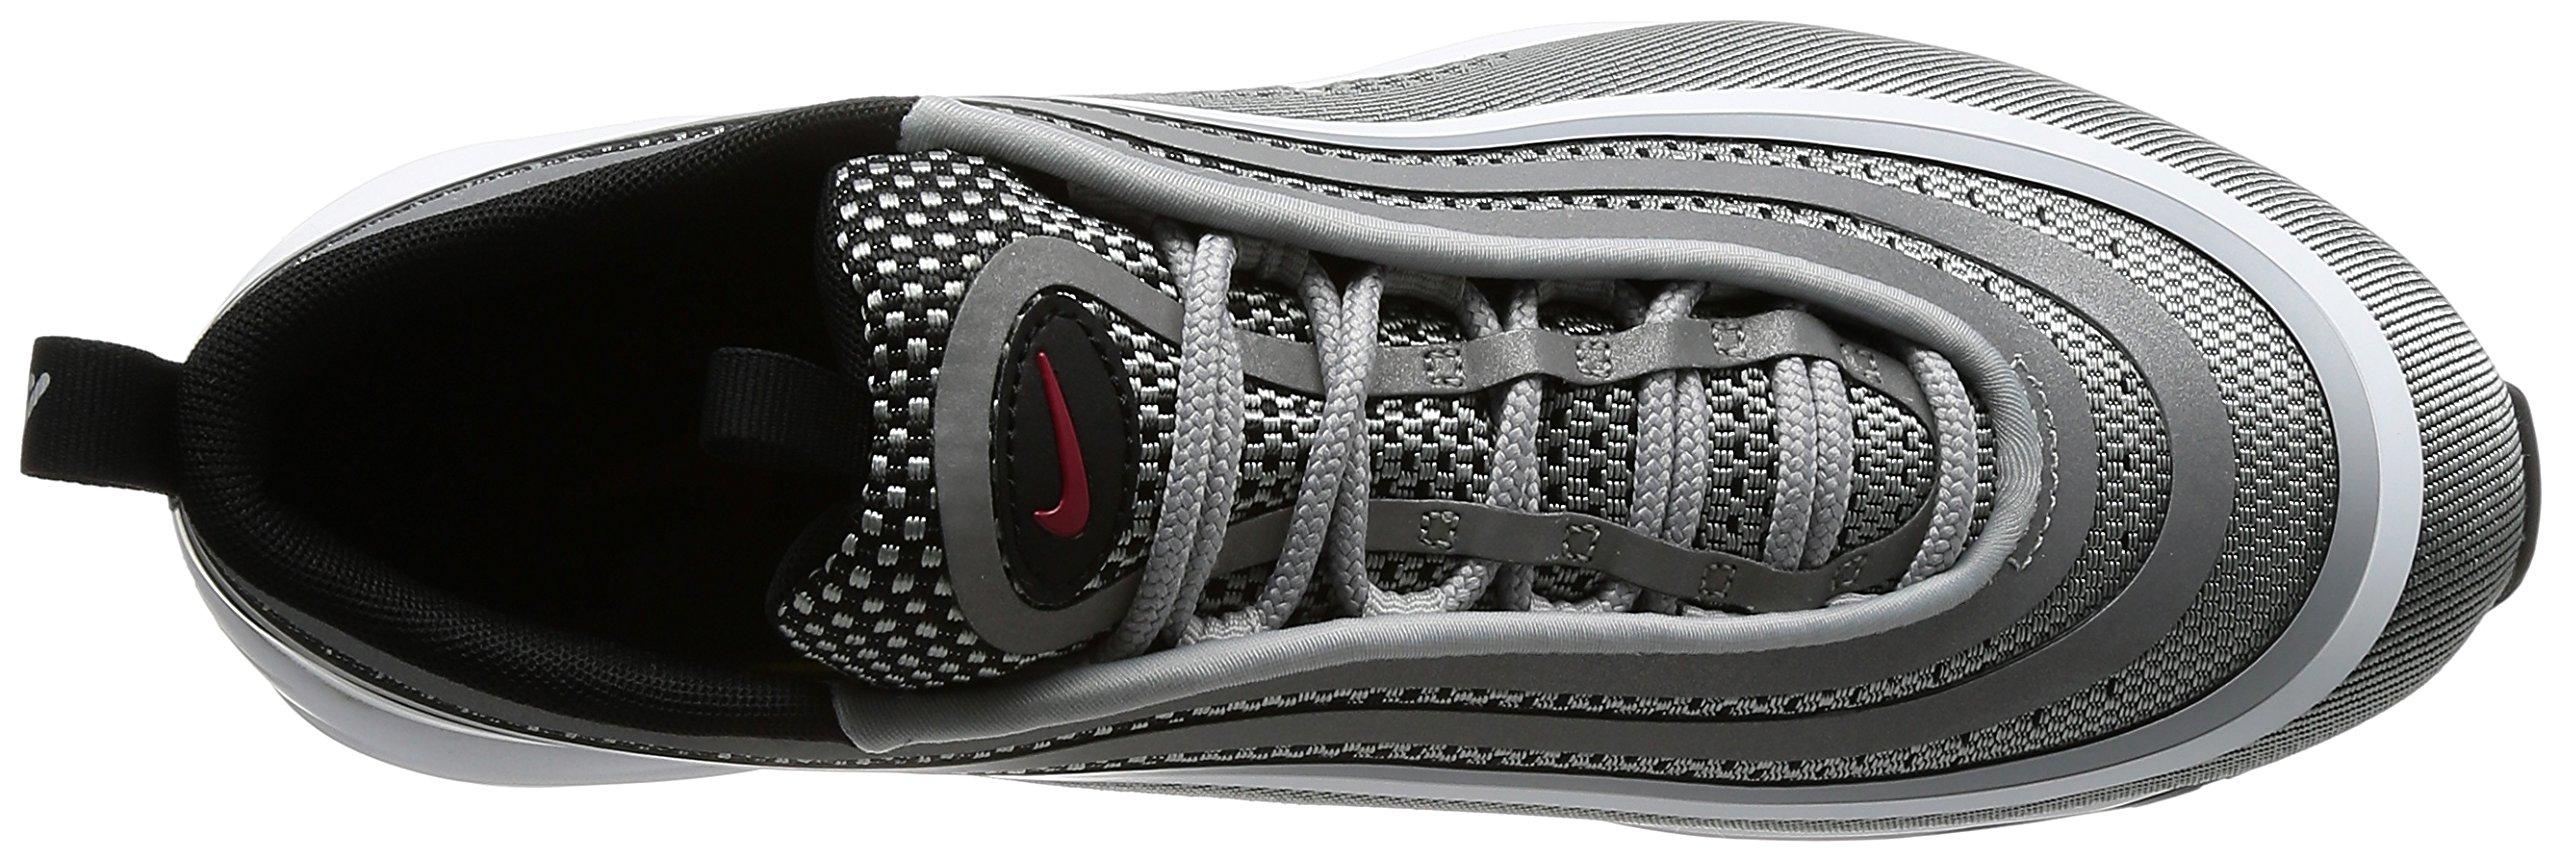 Nike Sneakers Nylon Grigio Air Max 97 Ultra Nuova Collezione Autunno Inverno 20172018